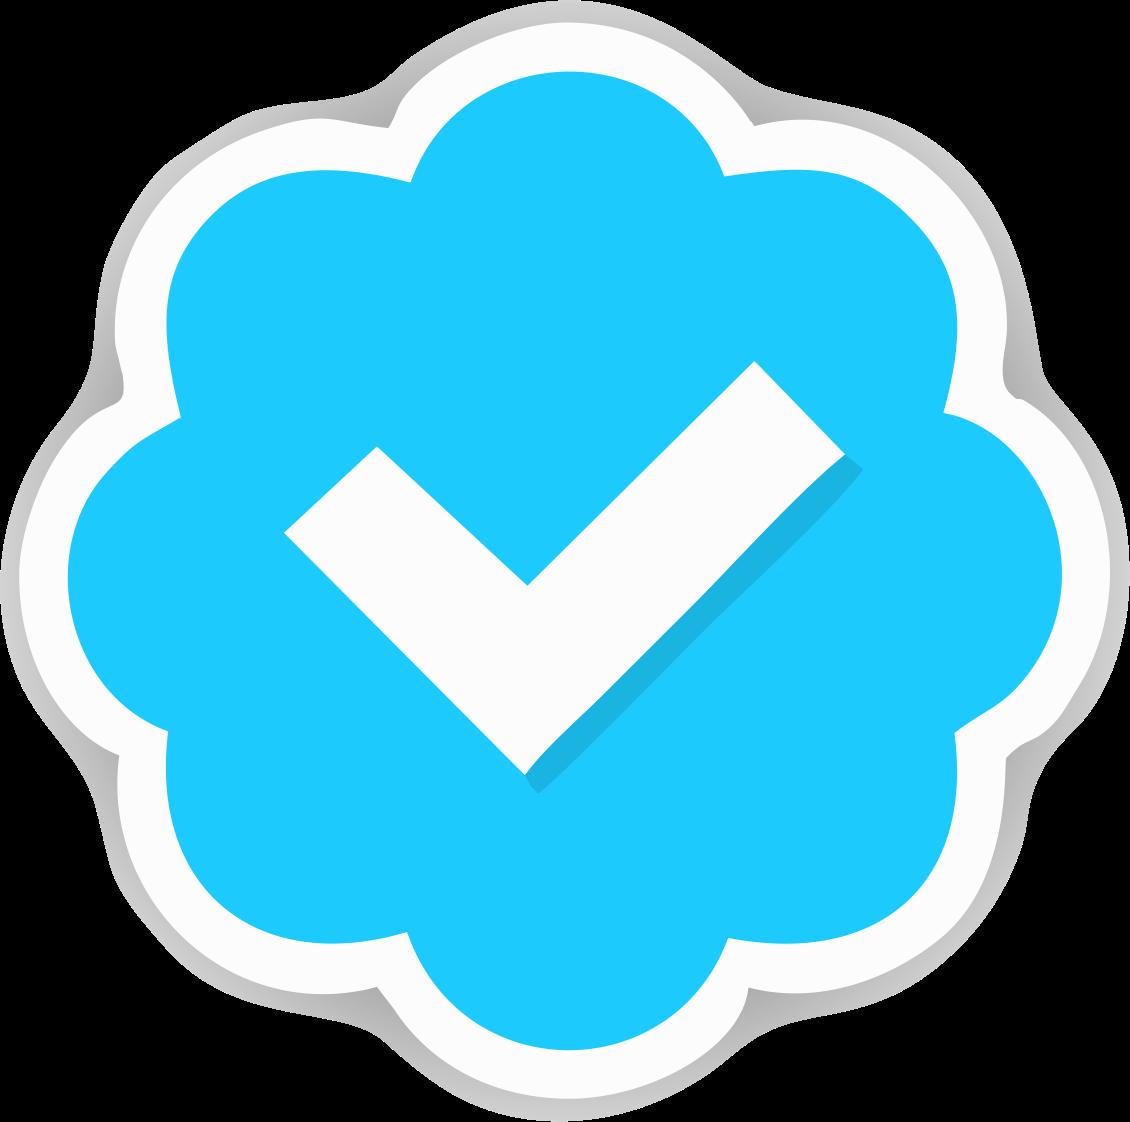 http://4.bp.blogspot.com/-GgB2cTWHKtg/UnIe8LOJbHI/AAAAAAAASSY/3B60VyFB0AM/s1600/twitter+Verified+Account+Logo.png